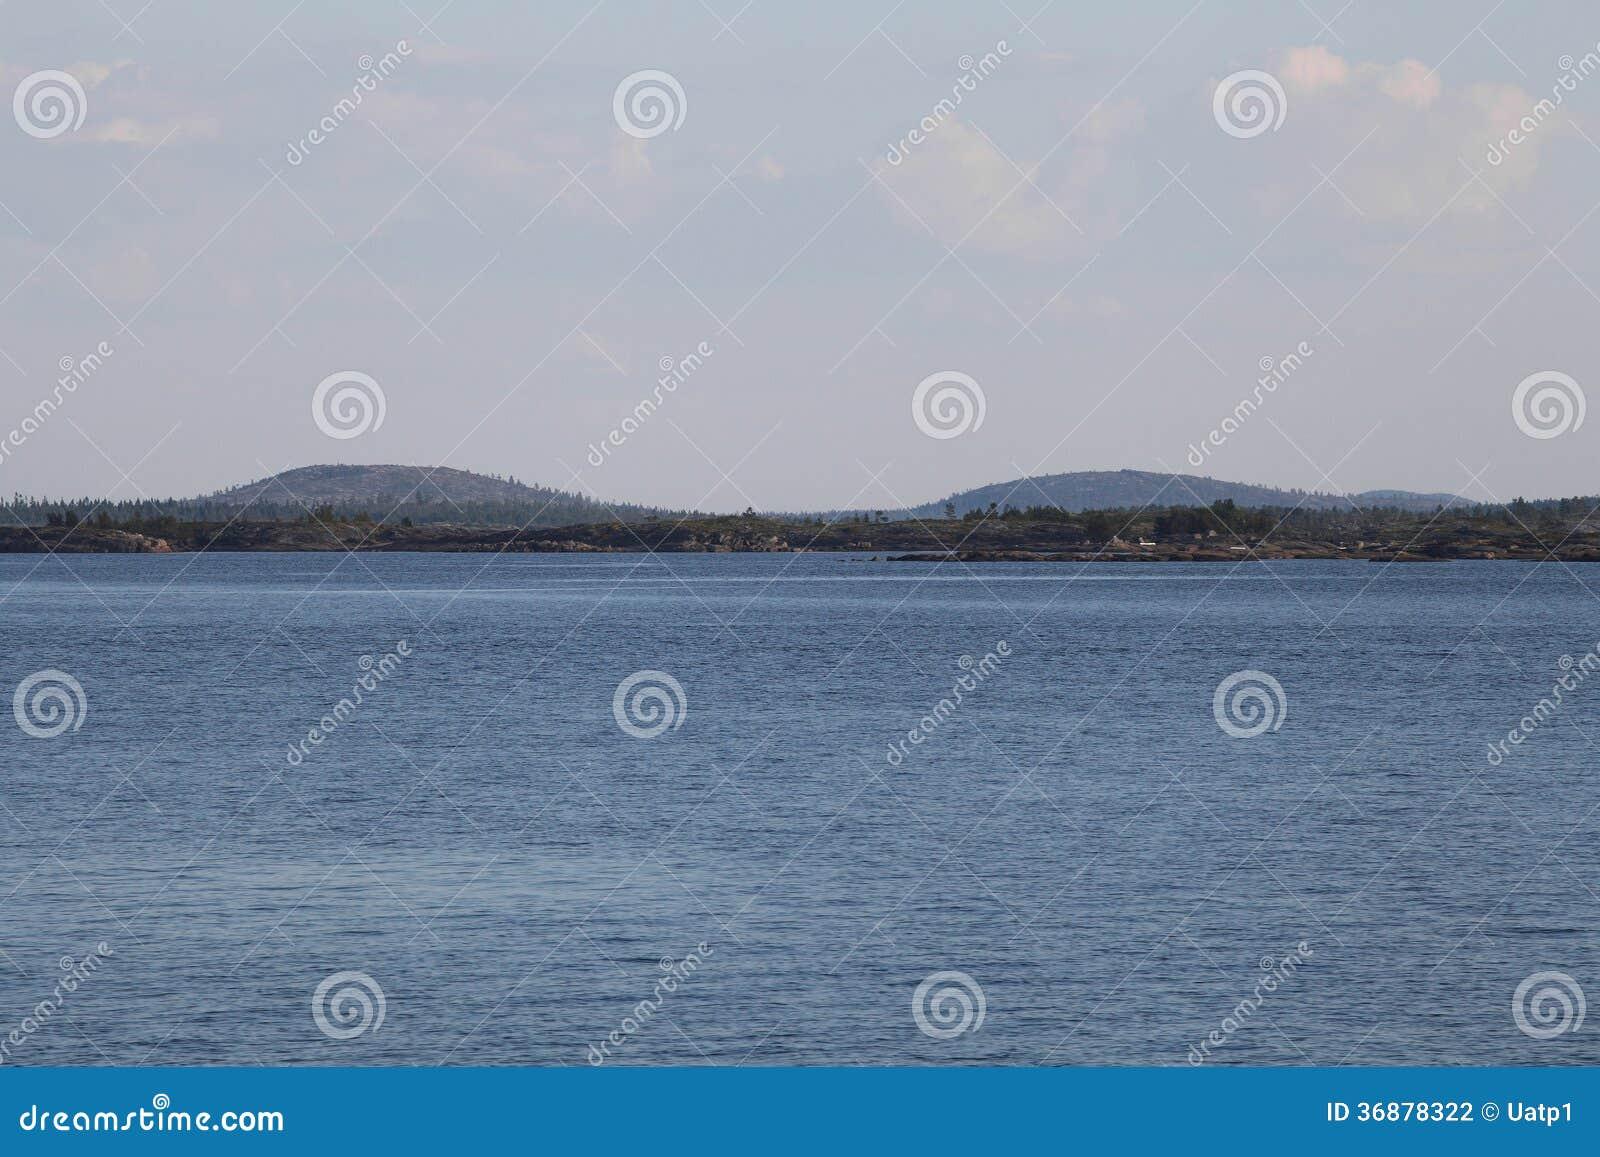 Download Paesaggio del mar Bianco fotografia stock. Immagine di contesto - 36878322